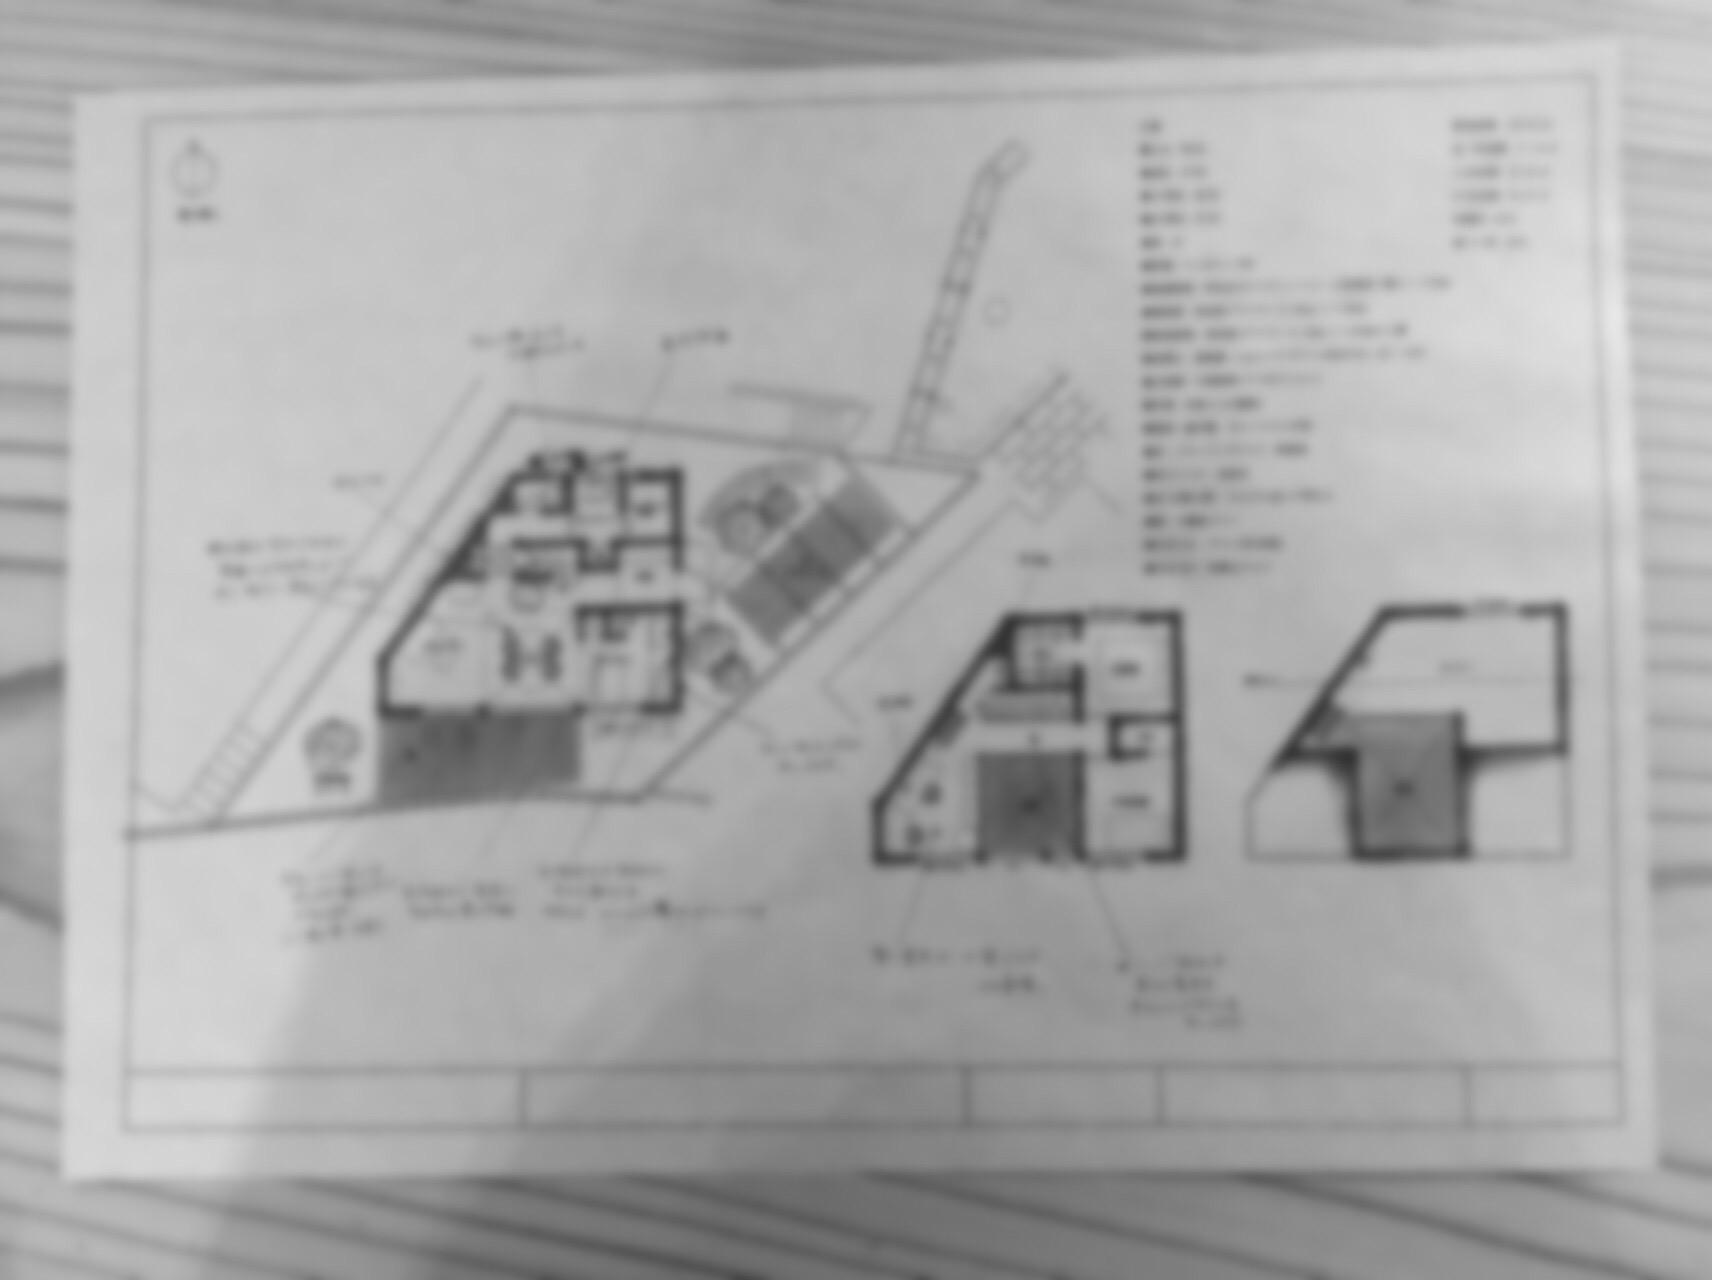 大山崎町上の田の家平面図の画像